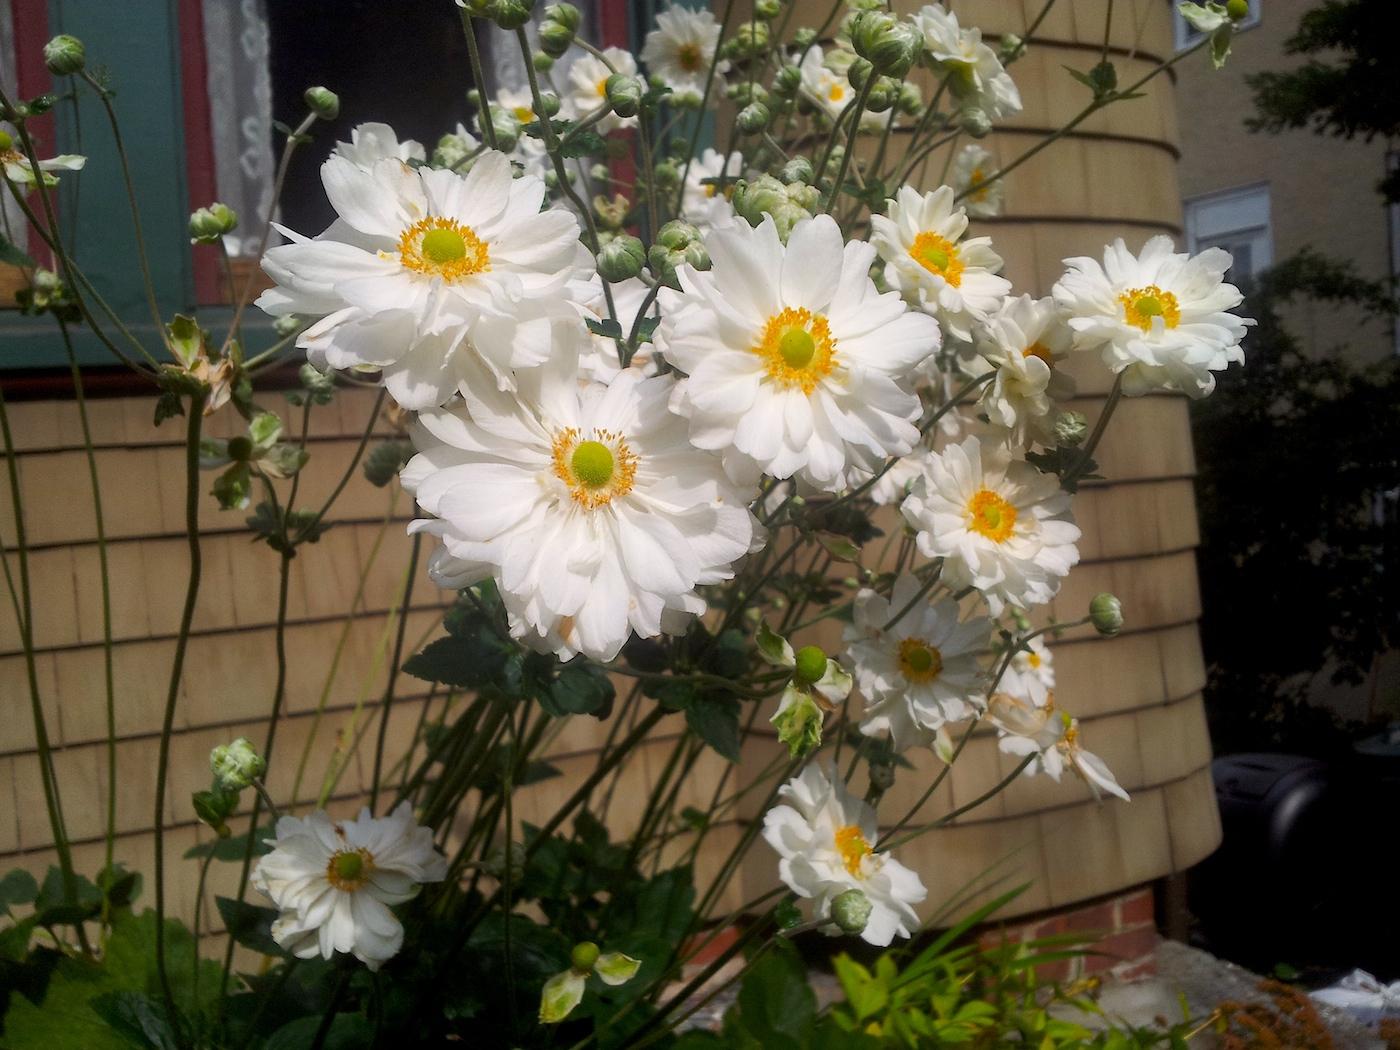 daisies St George